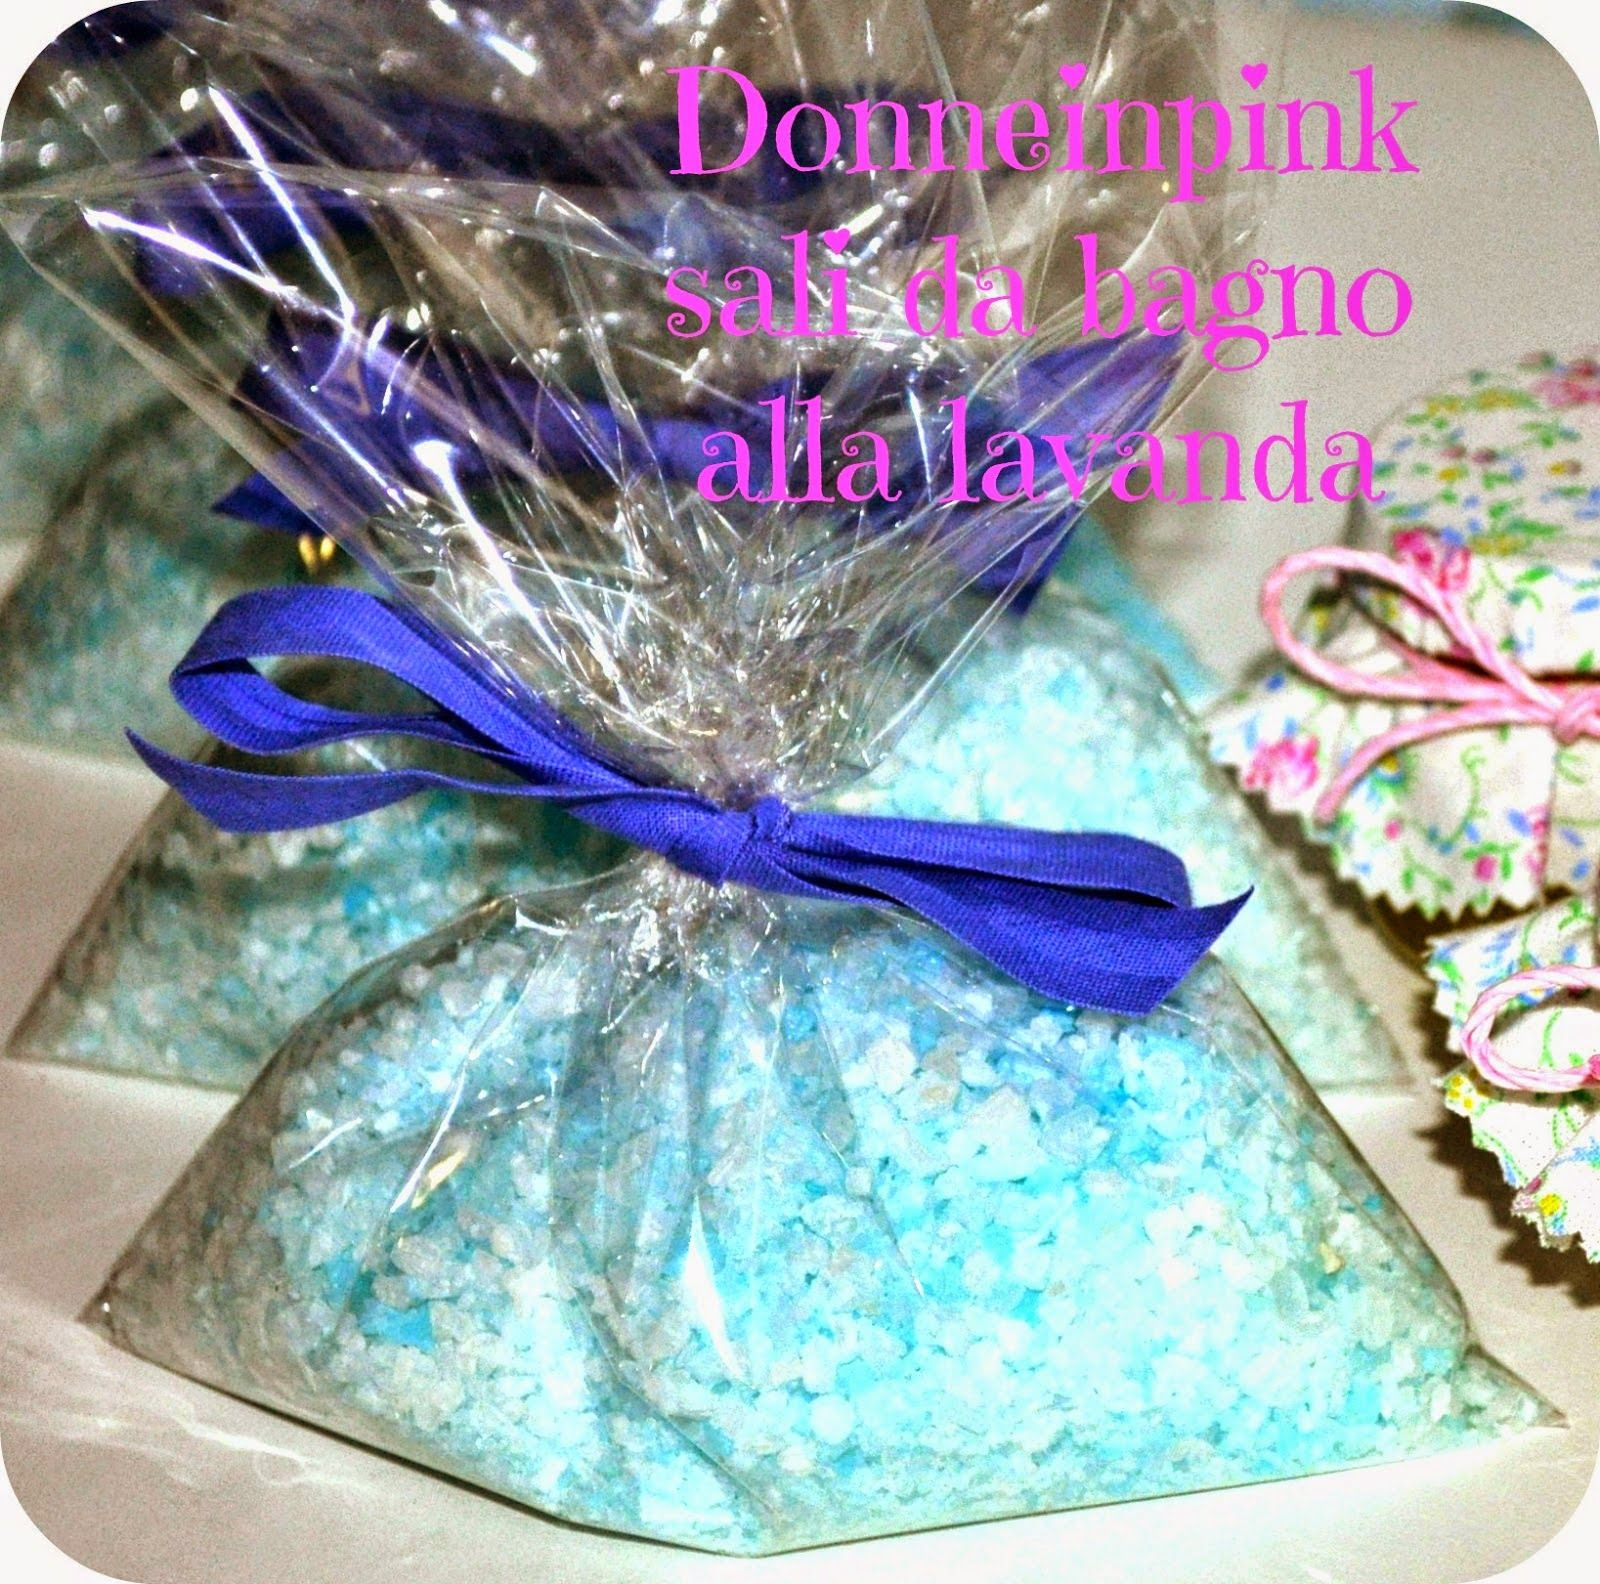 Sali da bagno alla lavanda fai da te - Idea regalo | Confetti